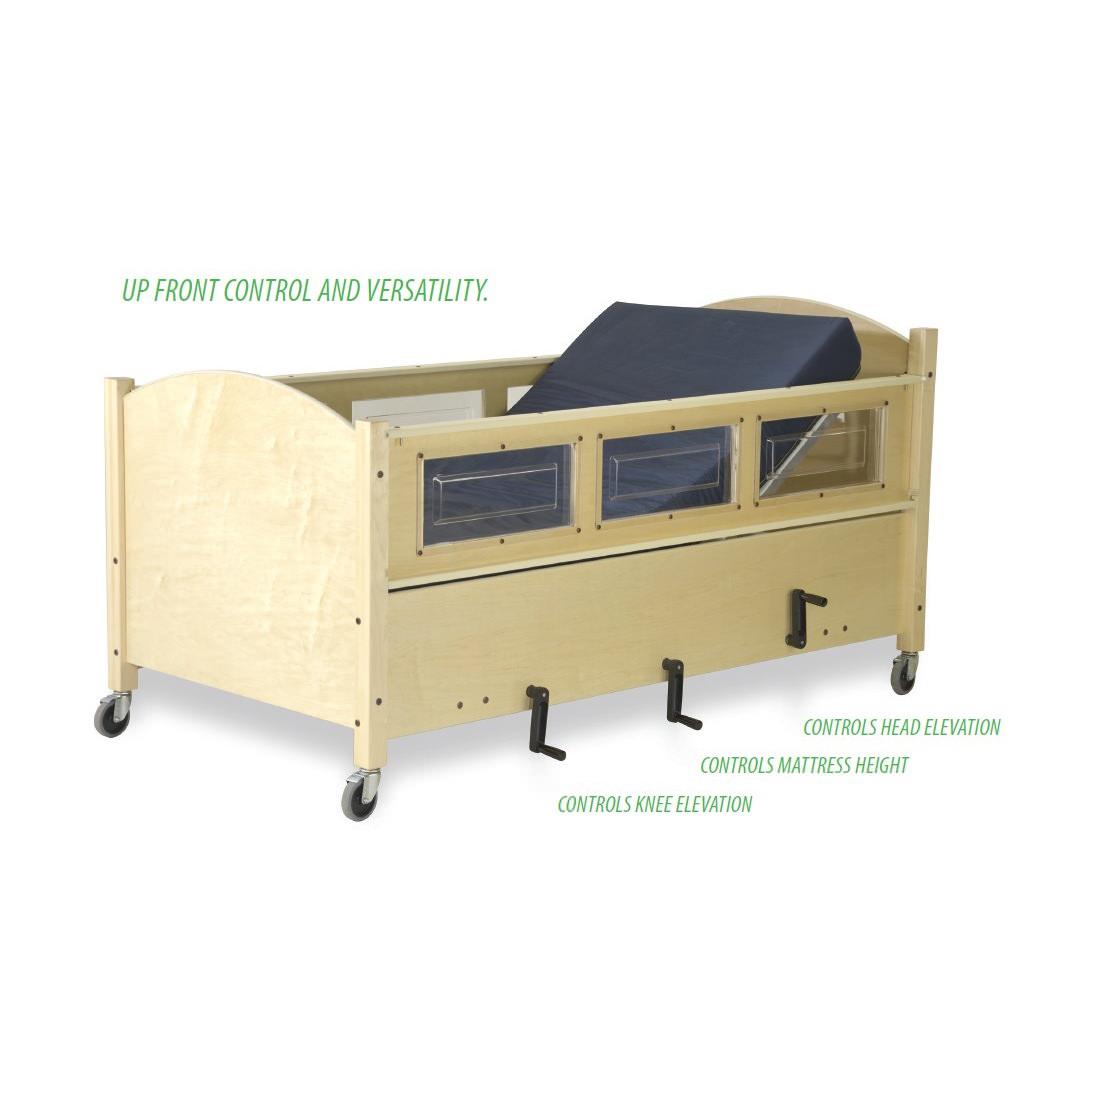 SleepSafer manual articulating tall bed